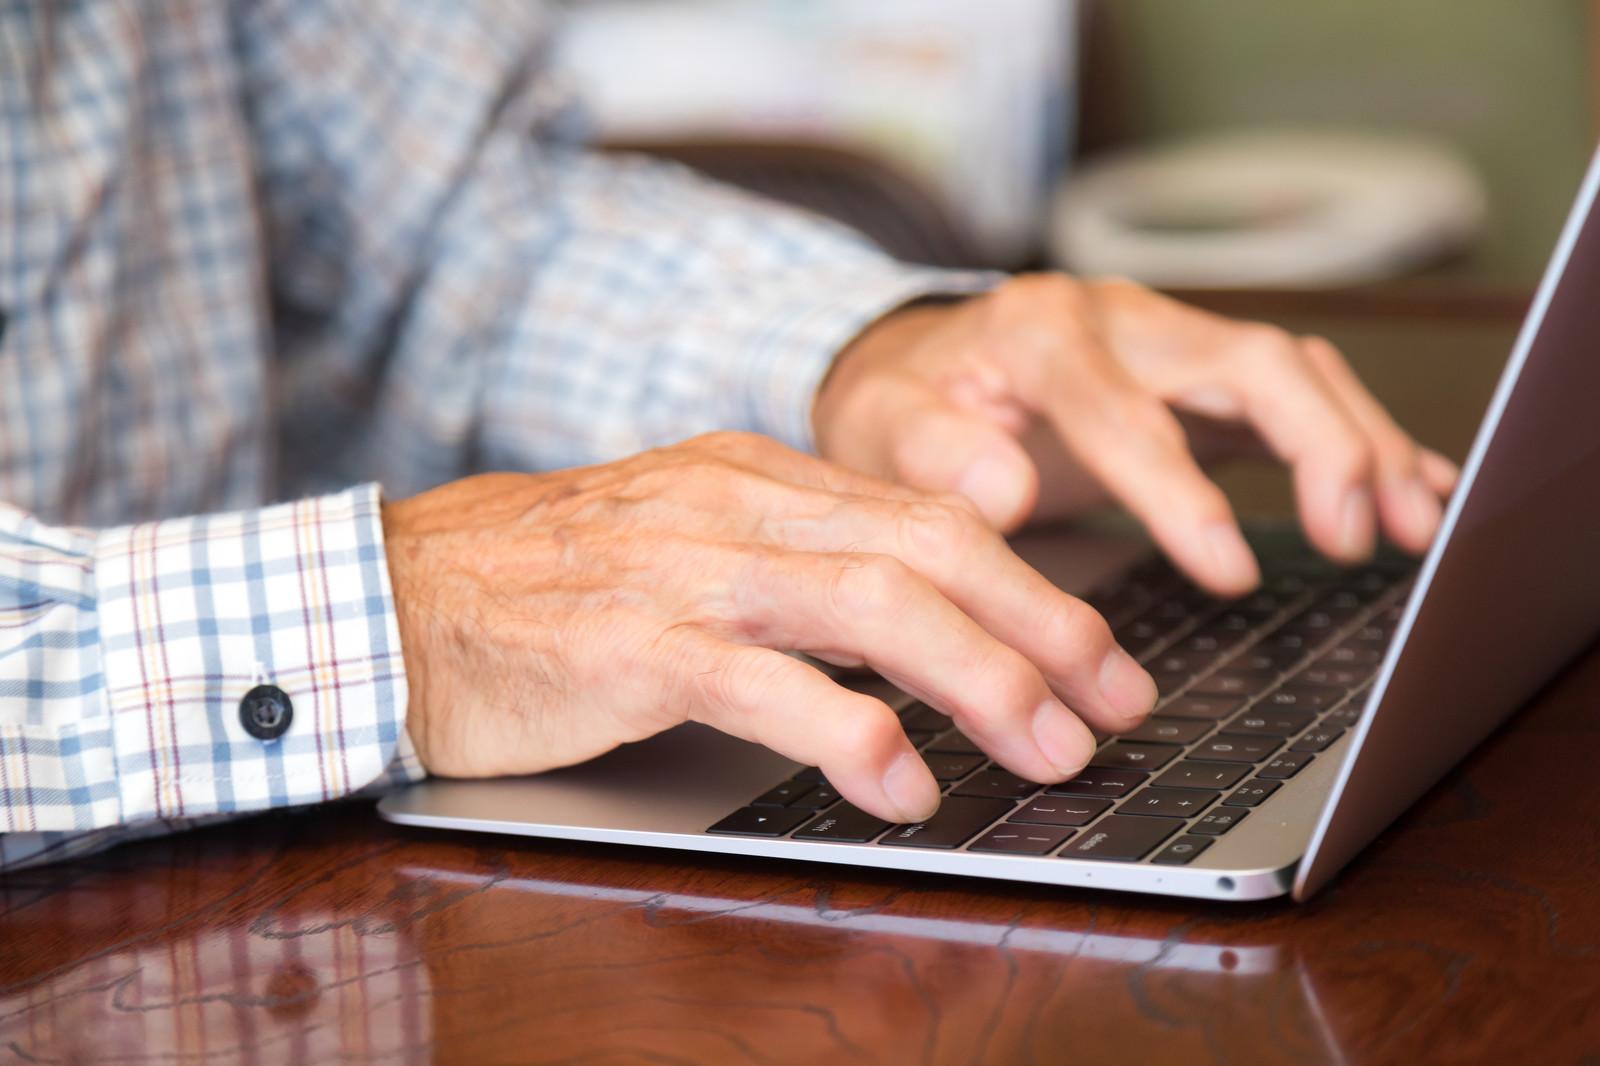 高齢者向け媒体7選! 高齢者へ効果的にアプローチするためには?